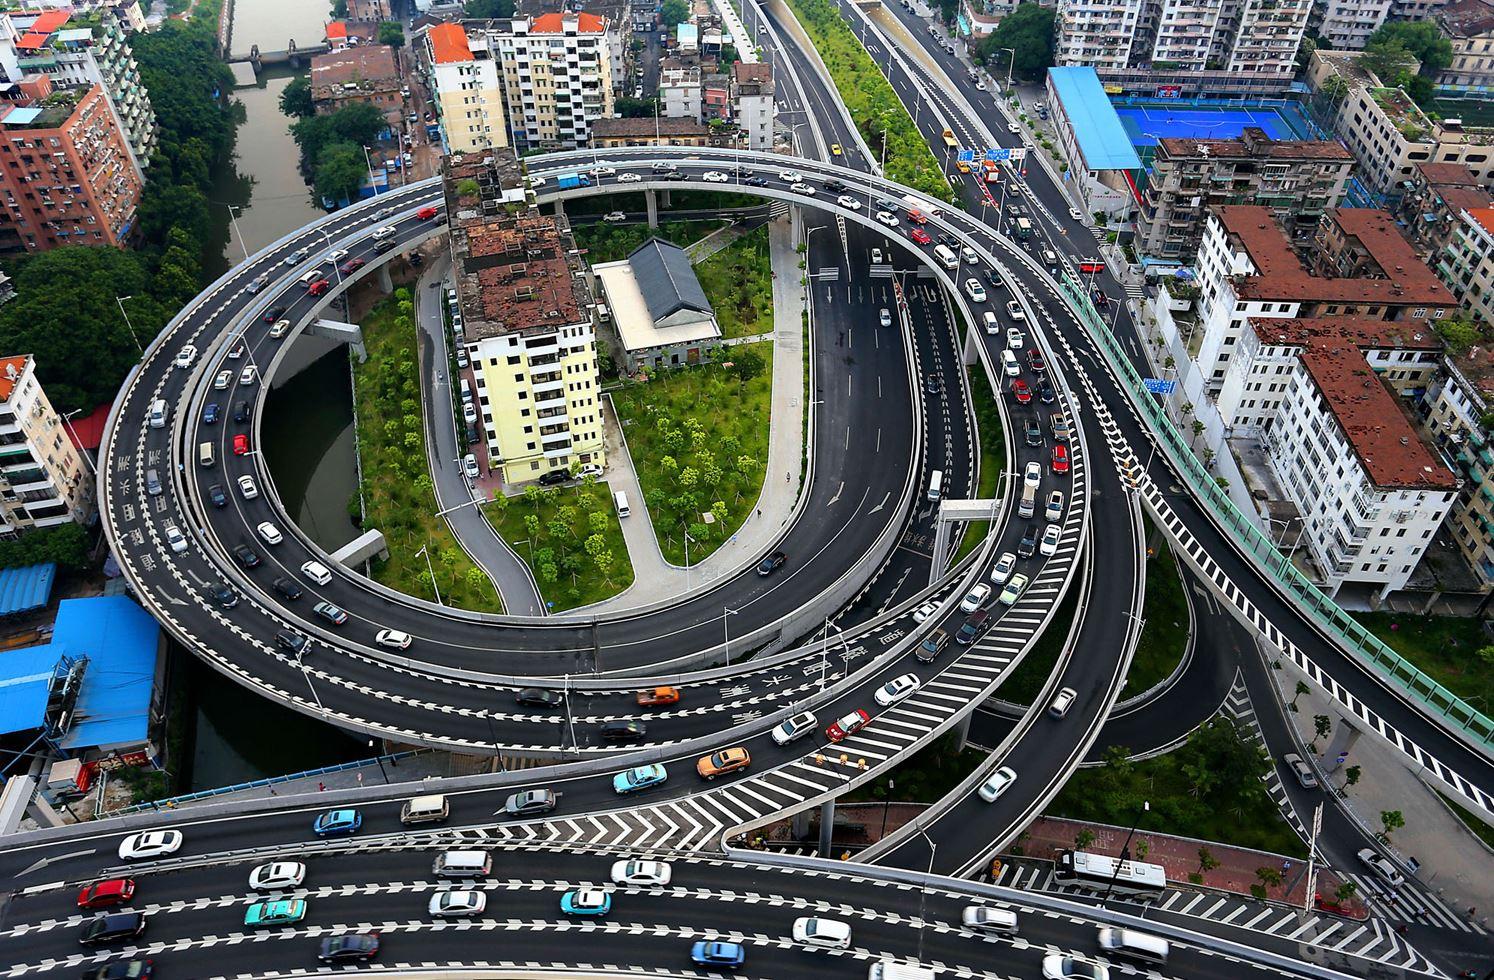 Два дома, окружённые автострадой в провинции Гуандун. Их хотели снести, но некоторые жители отказались покидать дома, поэтому автостраду достроили вокруг них.